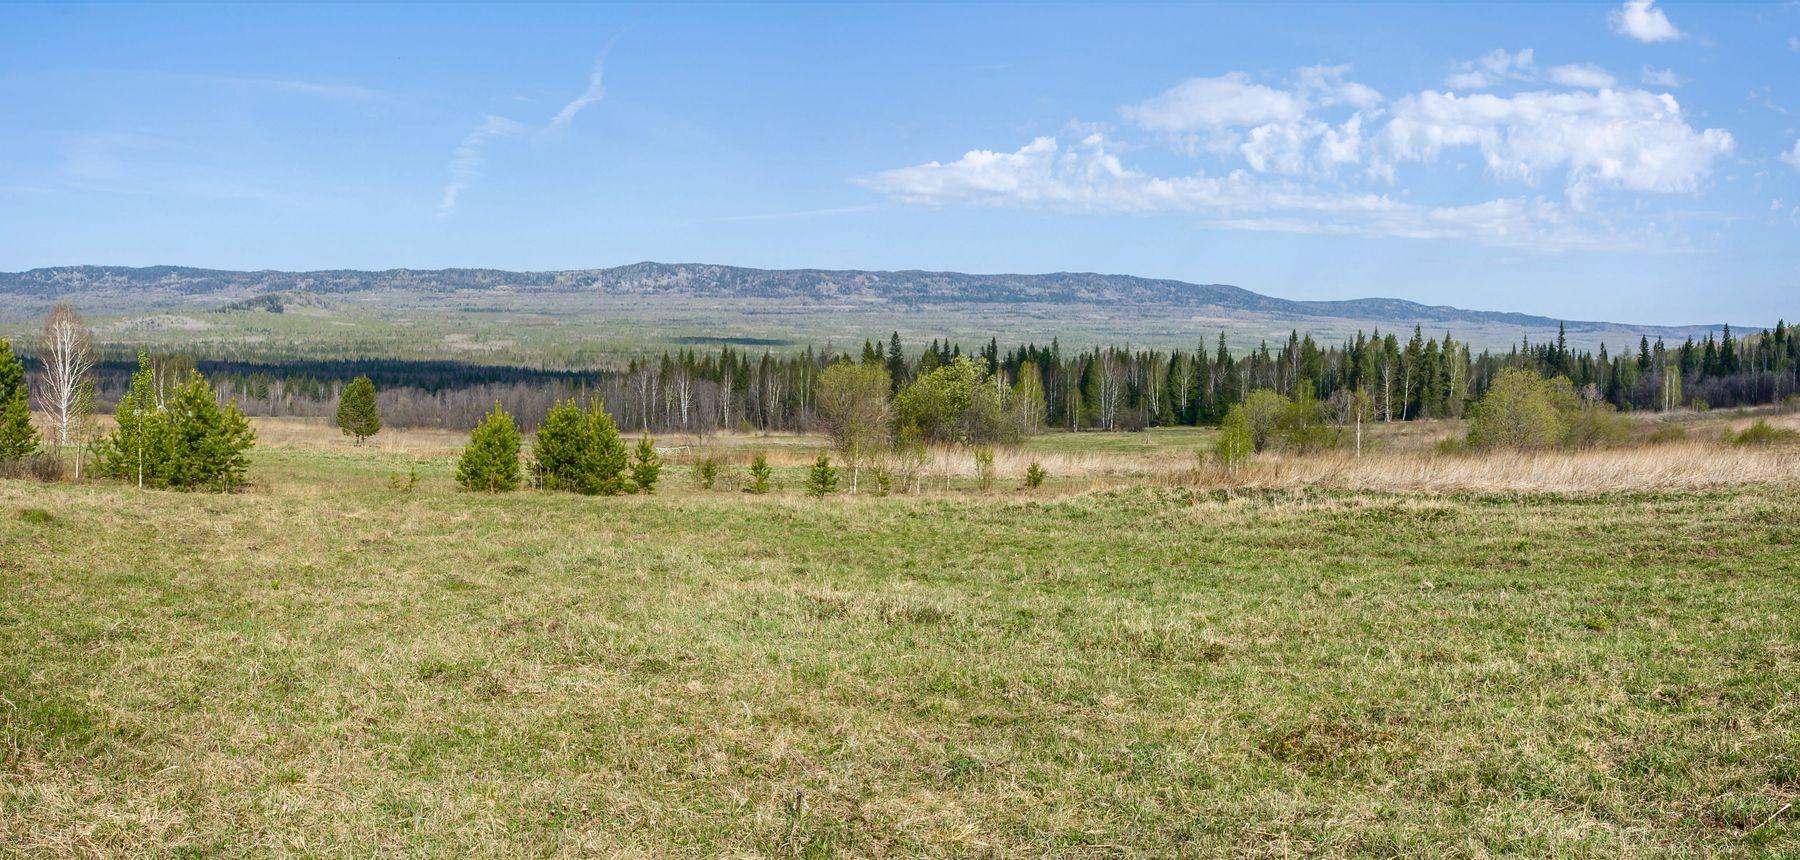 Куштумгинские поляны Южный Урал Миасс хребет Большой Уральский Кущтумга